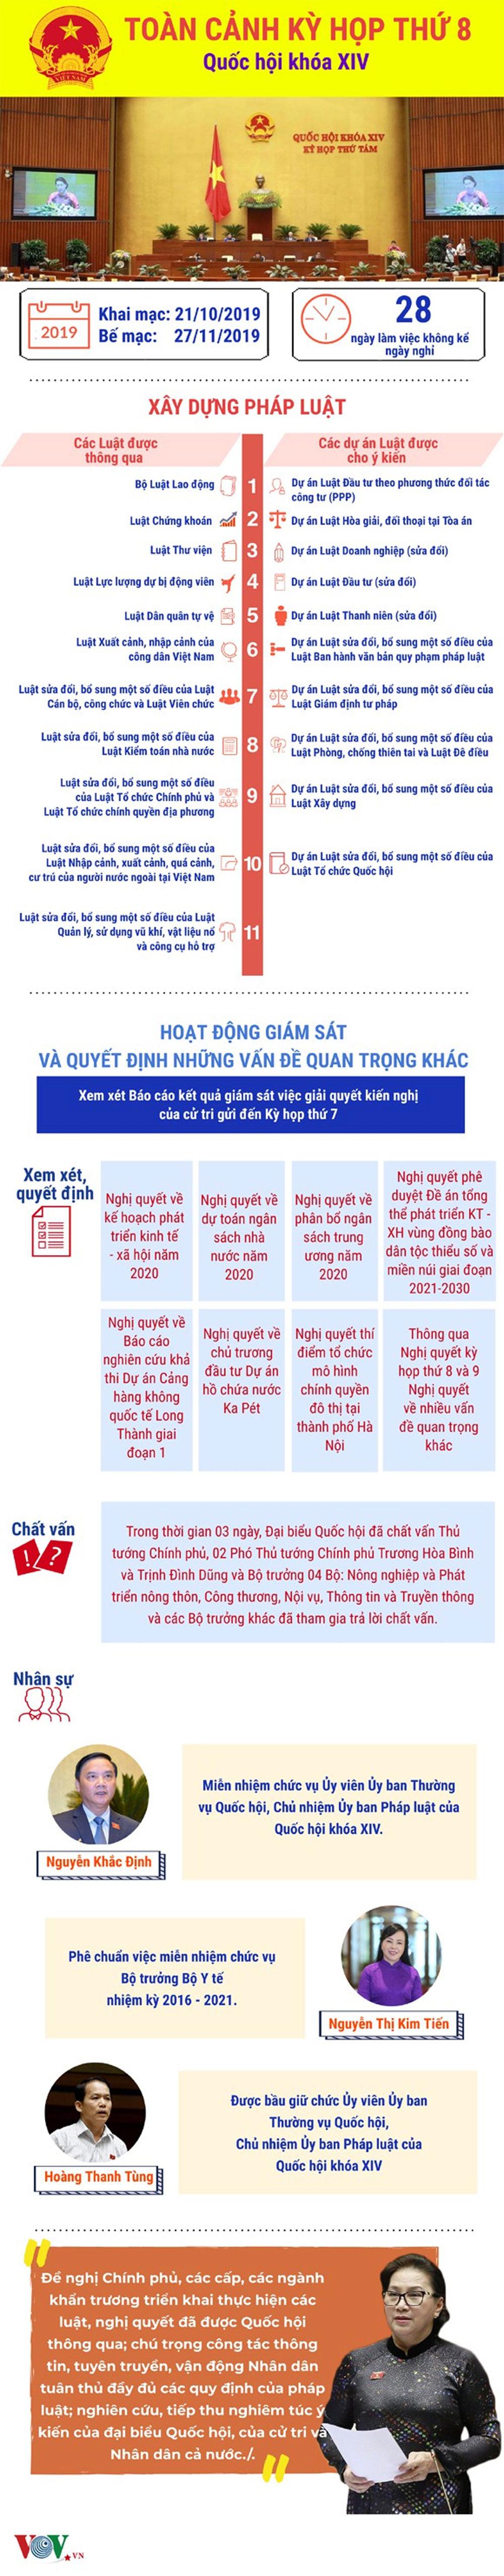 Toàn cảnh, kỳ họp thứ 8, Quốc hội khóa XIV, Báo Bắc Giang